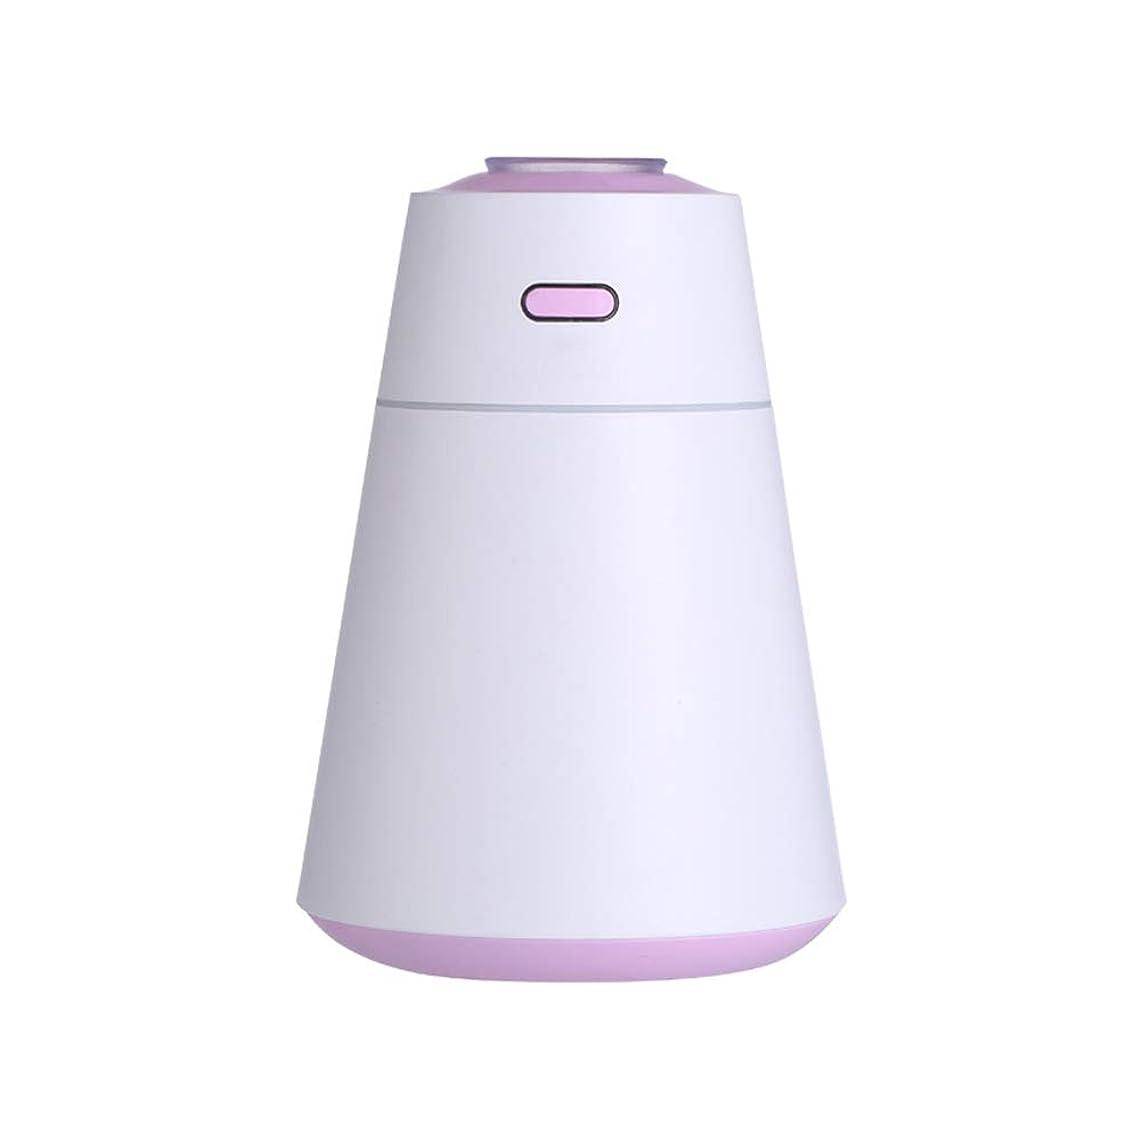 不明瞭証明書逃れる加湿器USBデスクトップ寝室加湿器クリエイティブファッションシンプルな火山加湿器超音波加湿,Pink